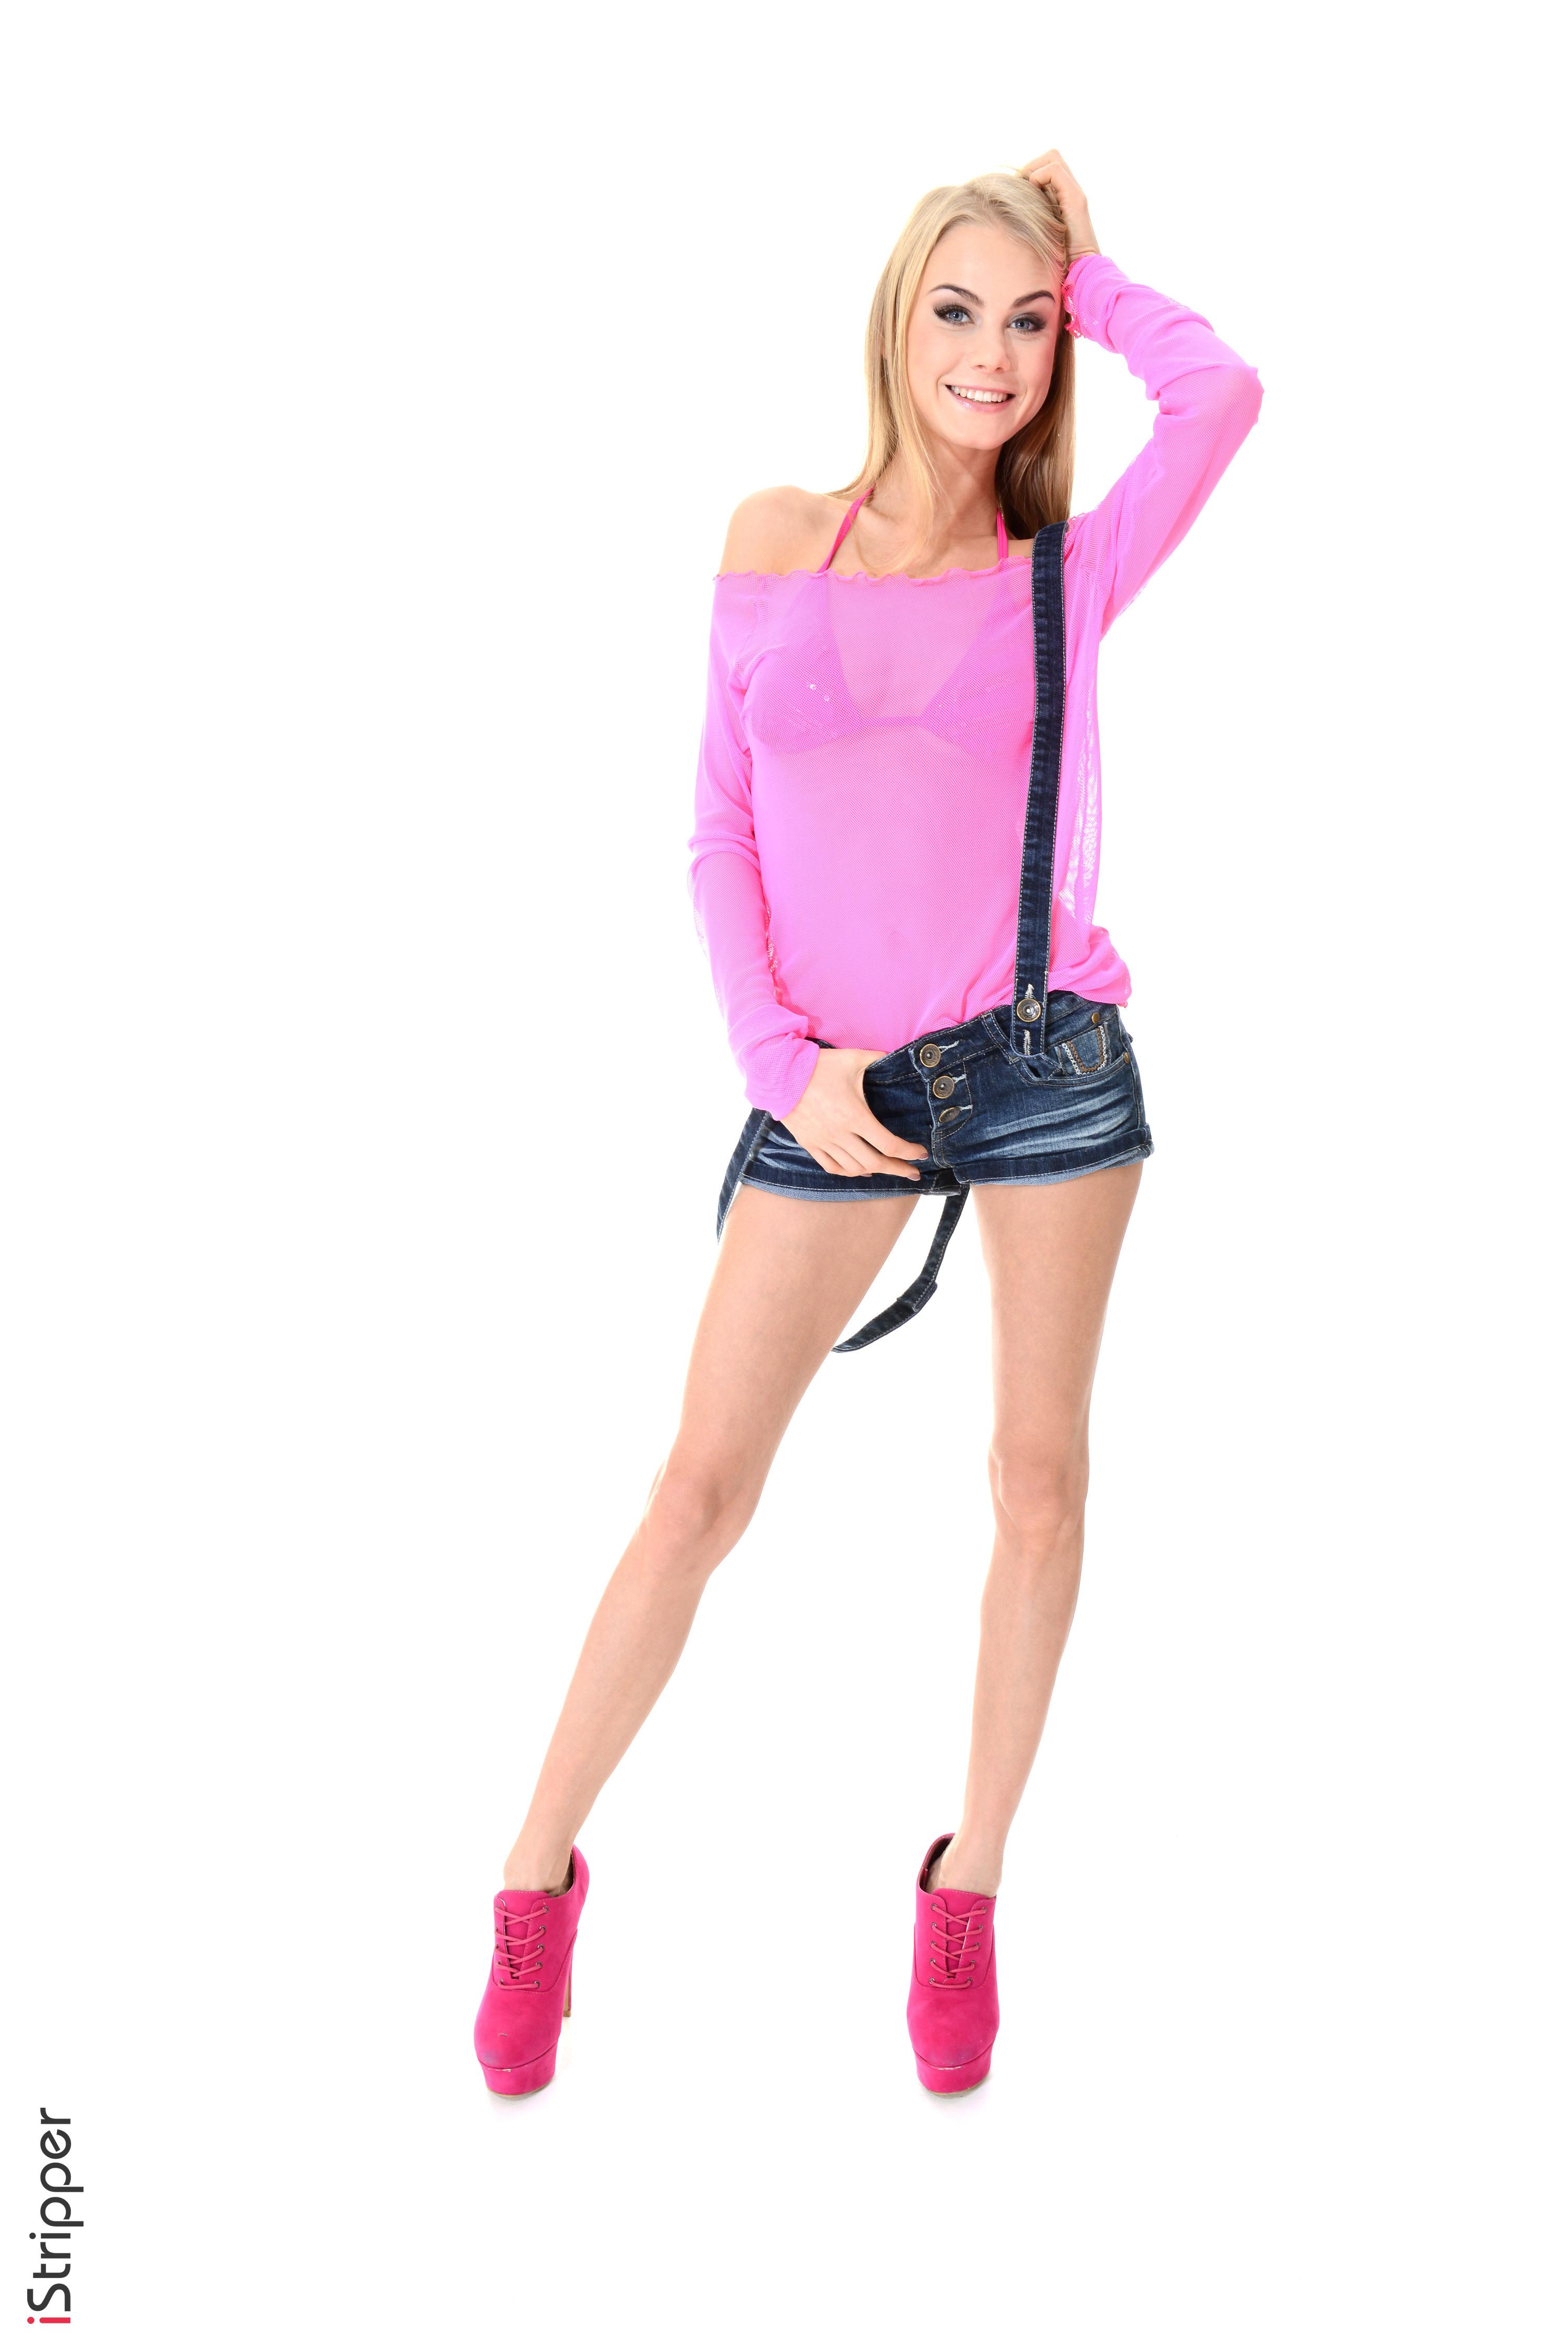 nancy a hot teen striptease  free windows  desk